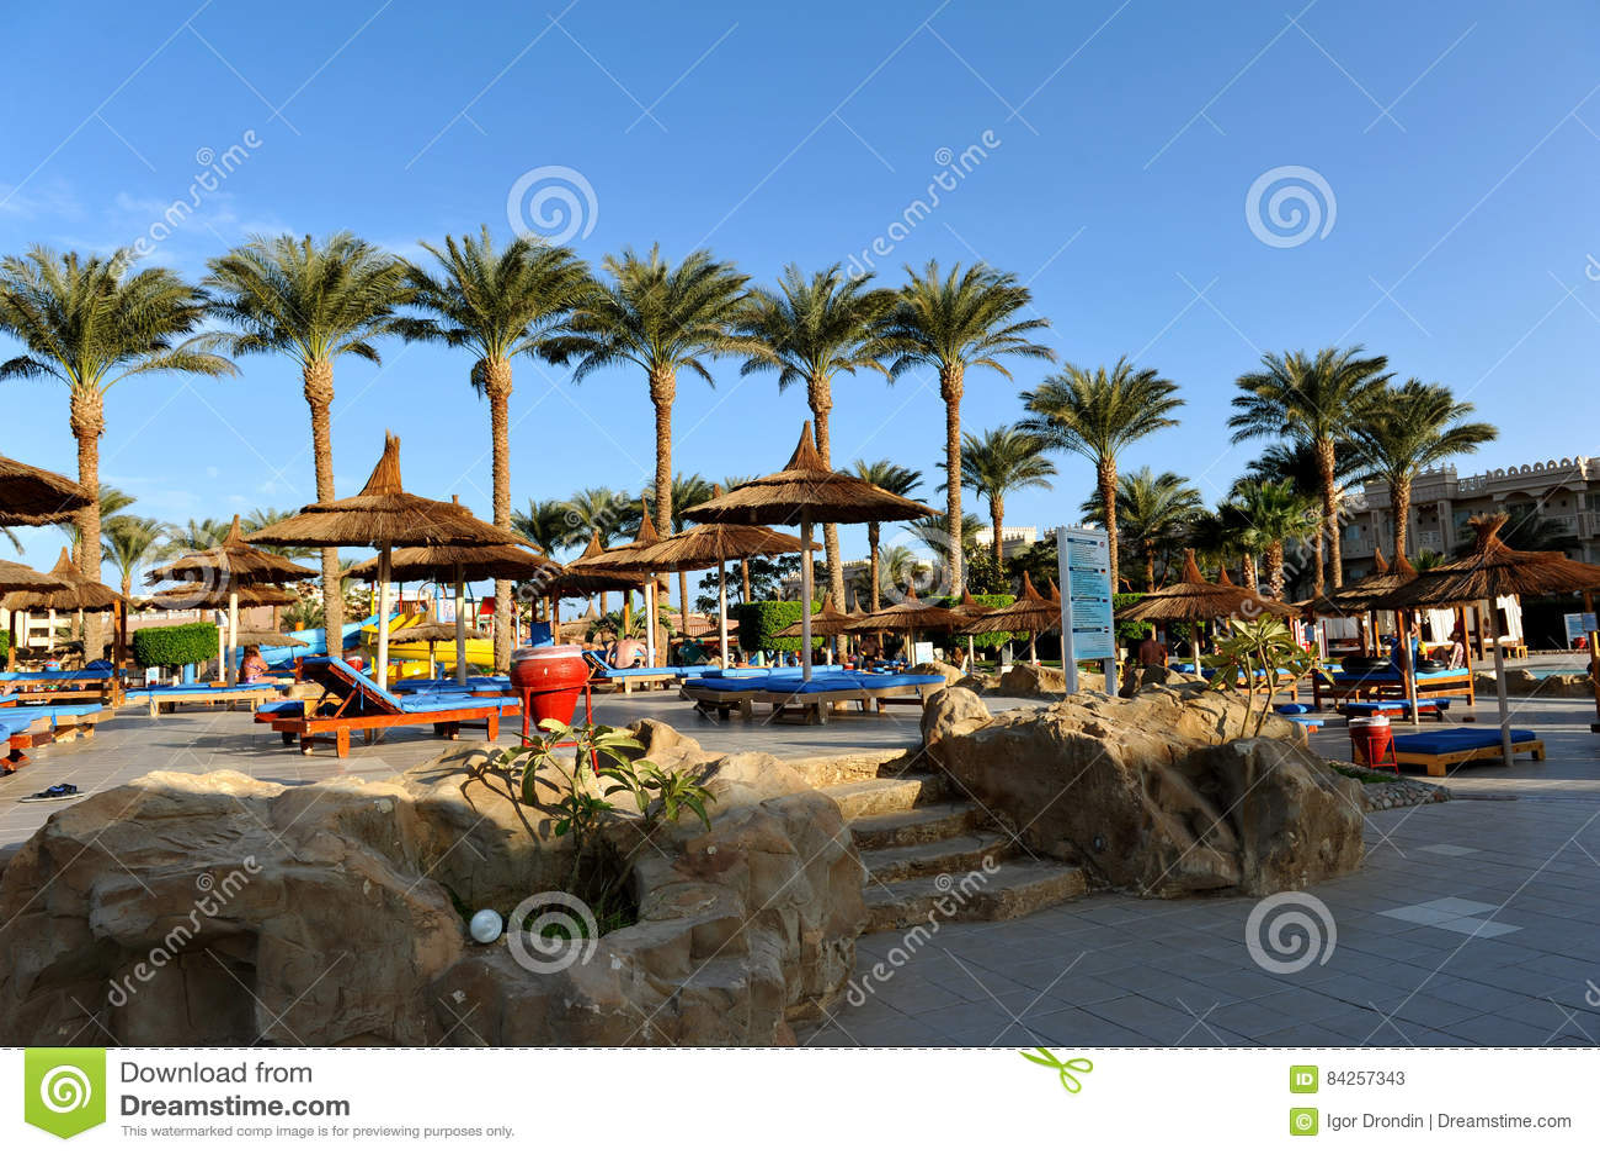 HURGHADA, EGYPTE - 14 OCTOBRE 2013 : Les personnes non identifiées nagent et les prennent un bain de soleil dans la piscine à une